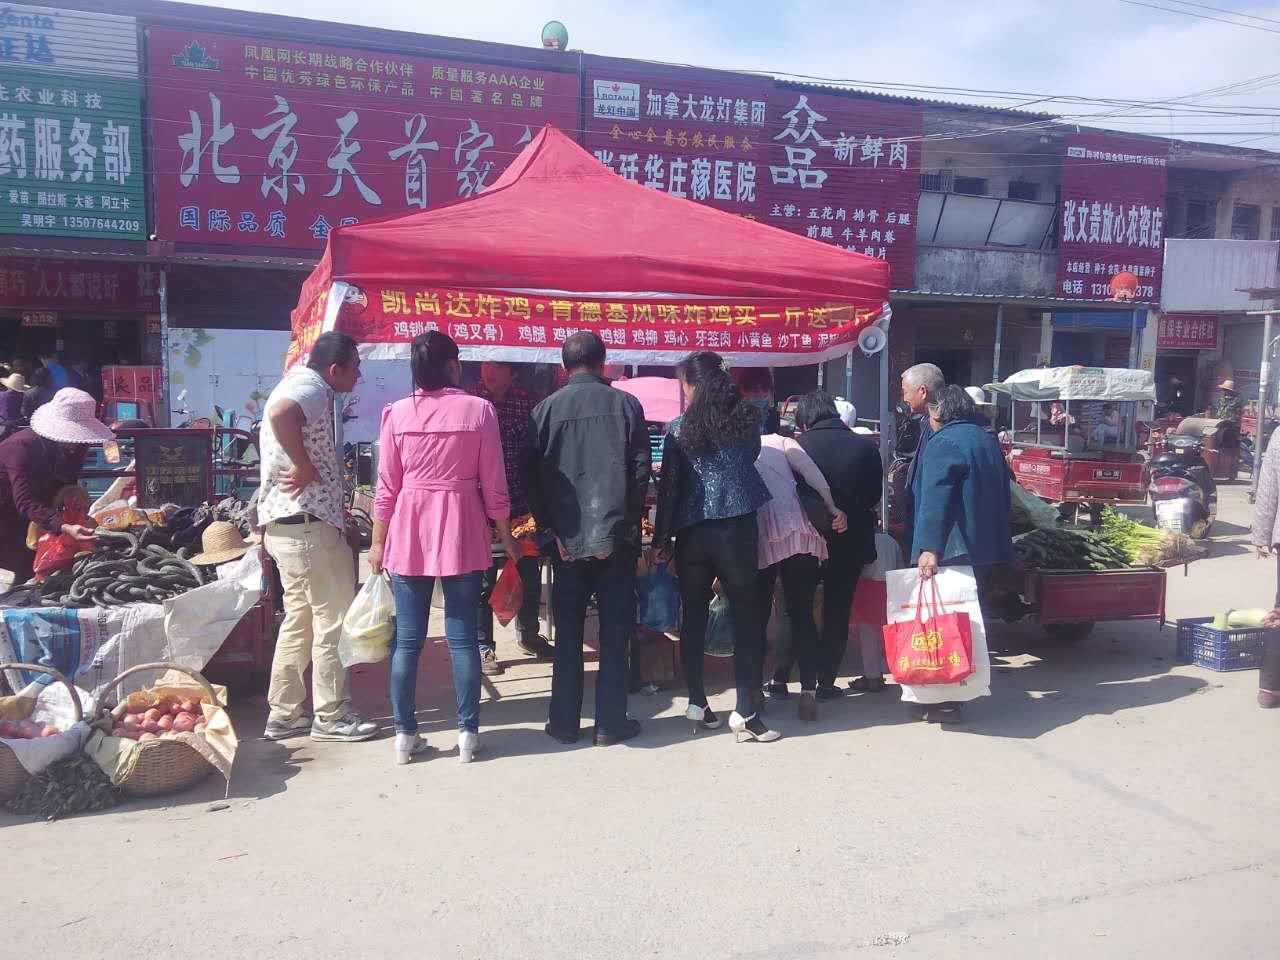 郑州专业的炸鸡叉骨加盟公司【首要选择】 炸鸡柳培训